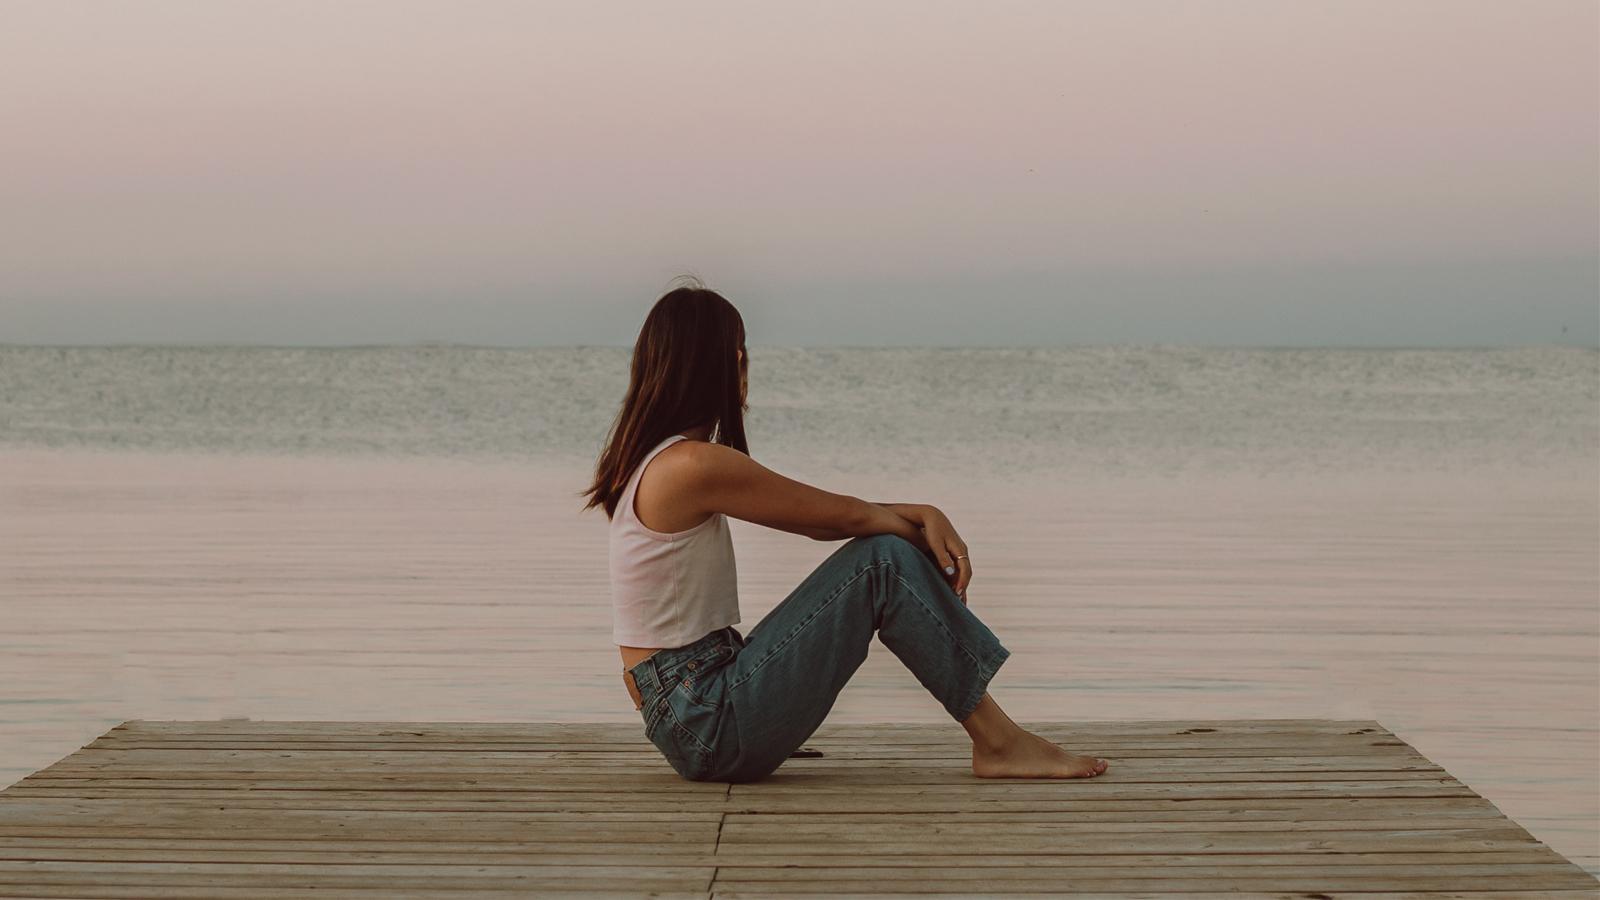 cô gái tuổi 30 ngồi trước biển